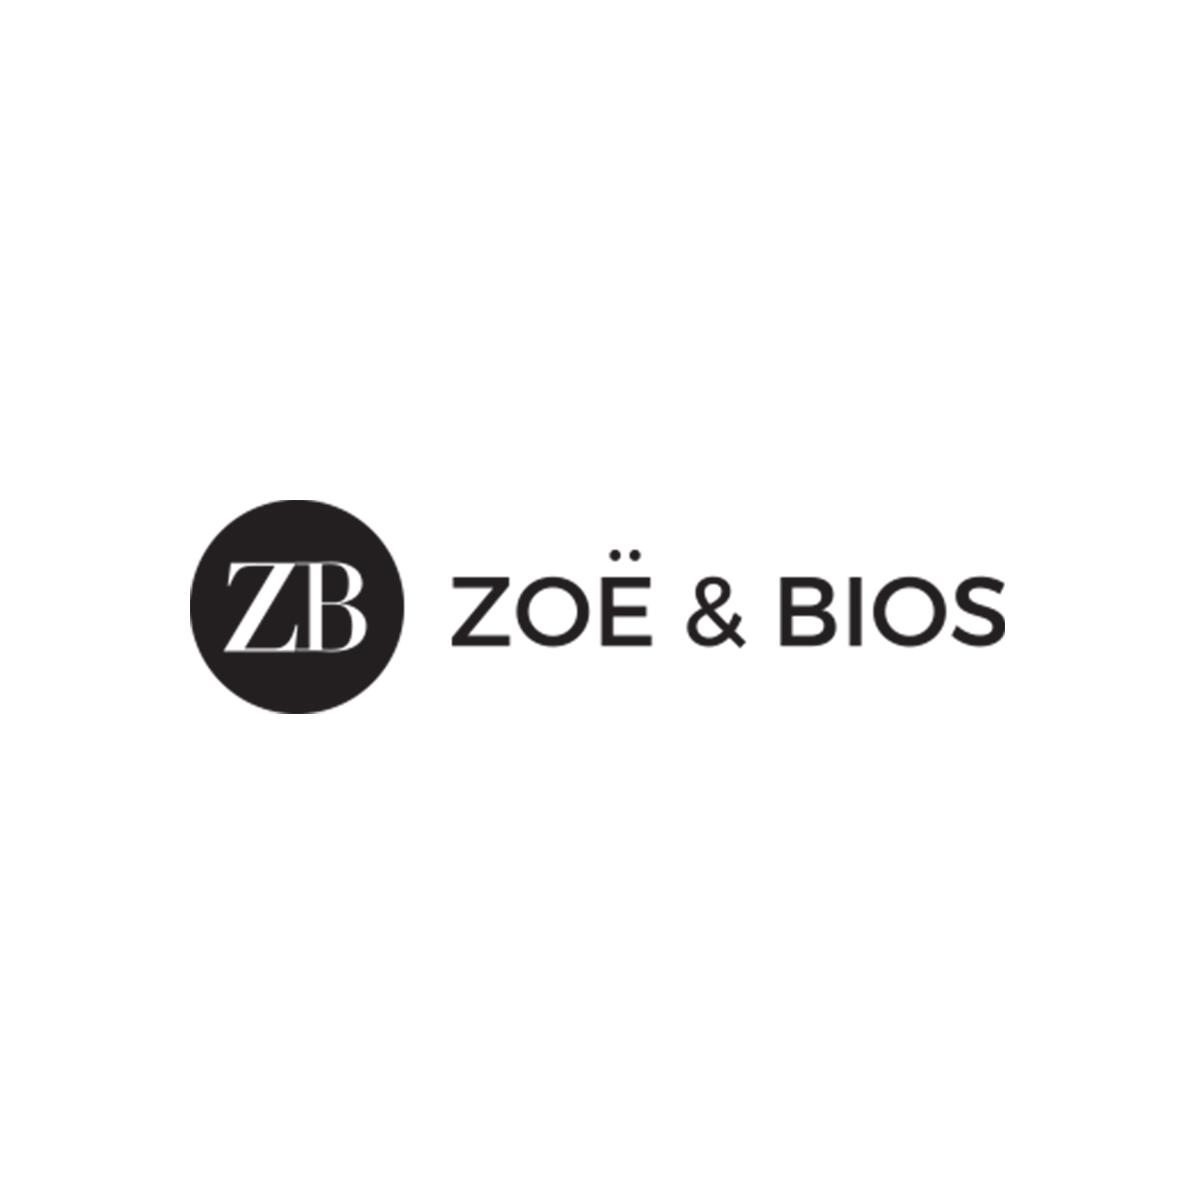 Zoe&Bios.jpg